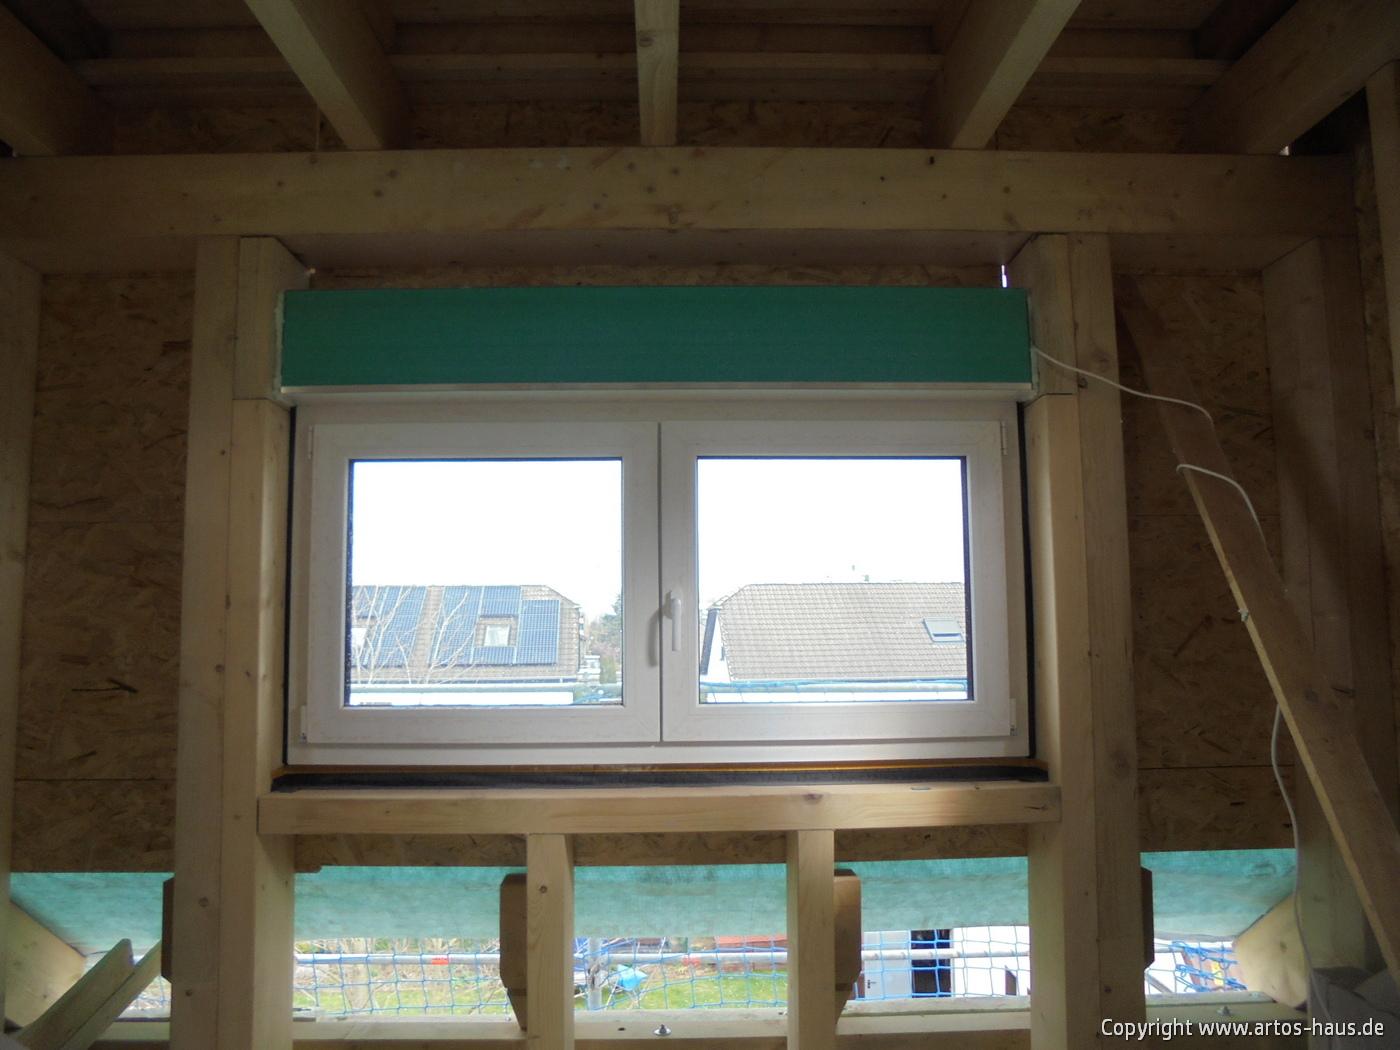 Fenstereinbau @artos-haus.de BILD 4